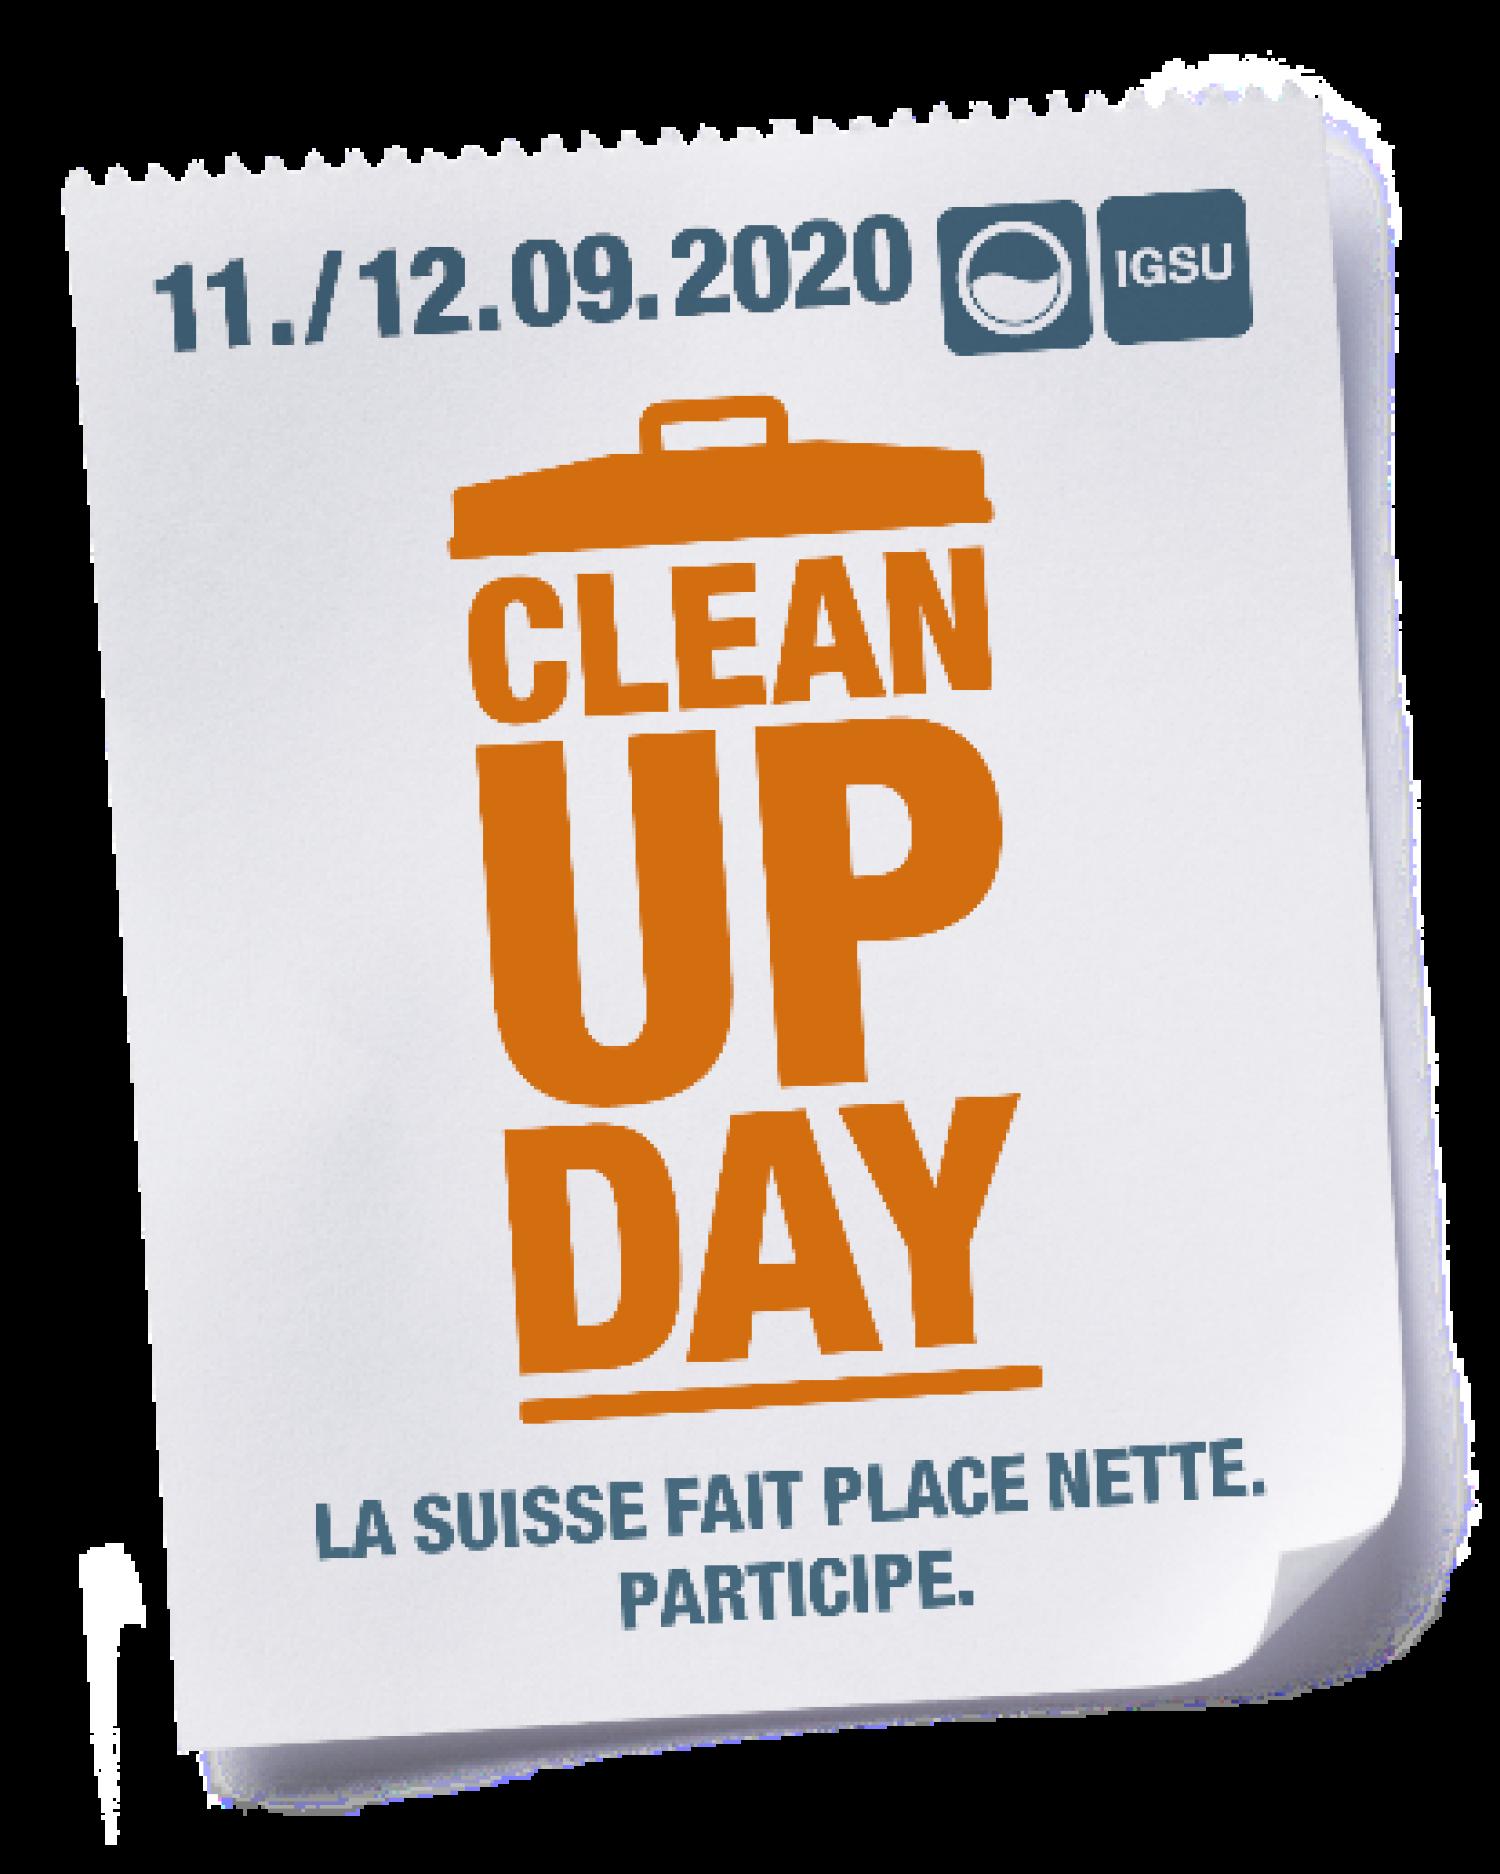 Clean up Day - Collectez des déchets et participez à un défi photos